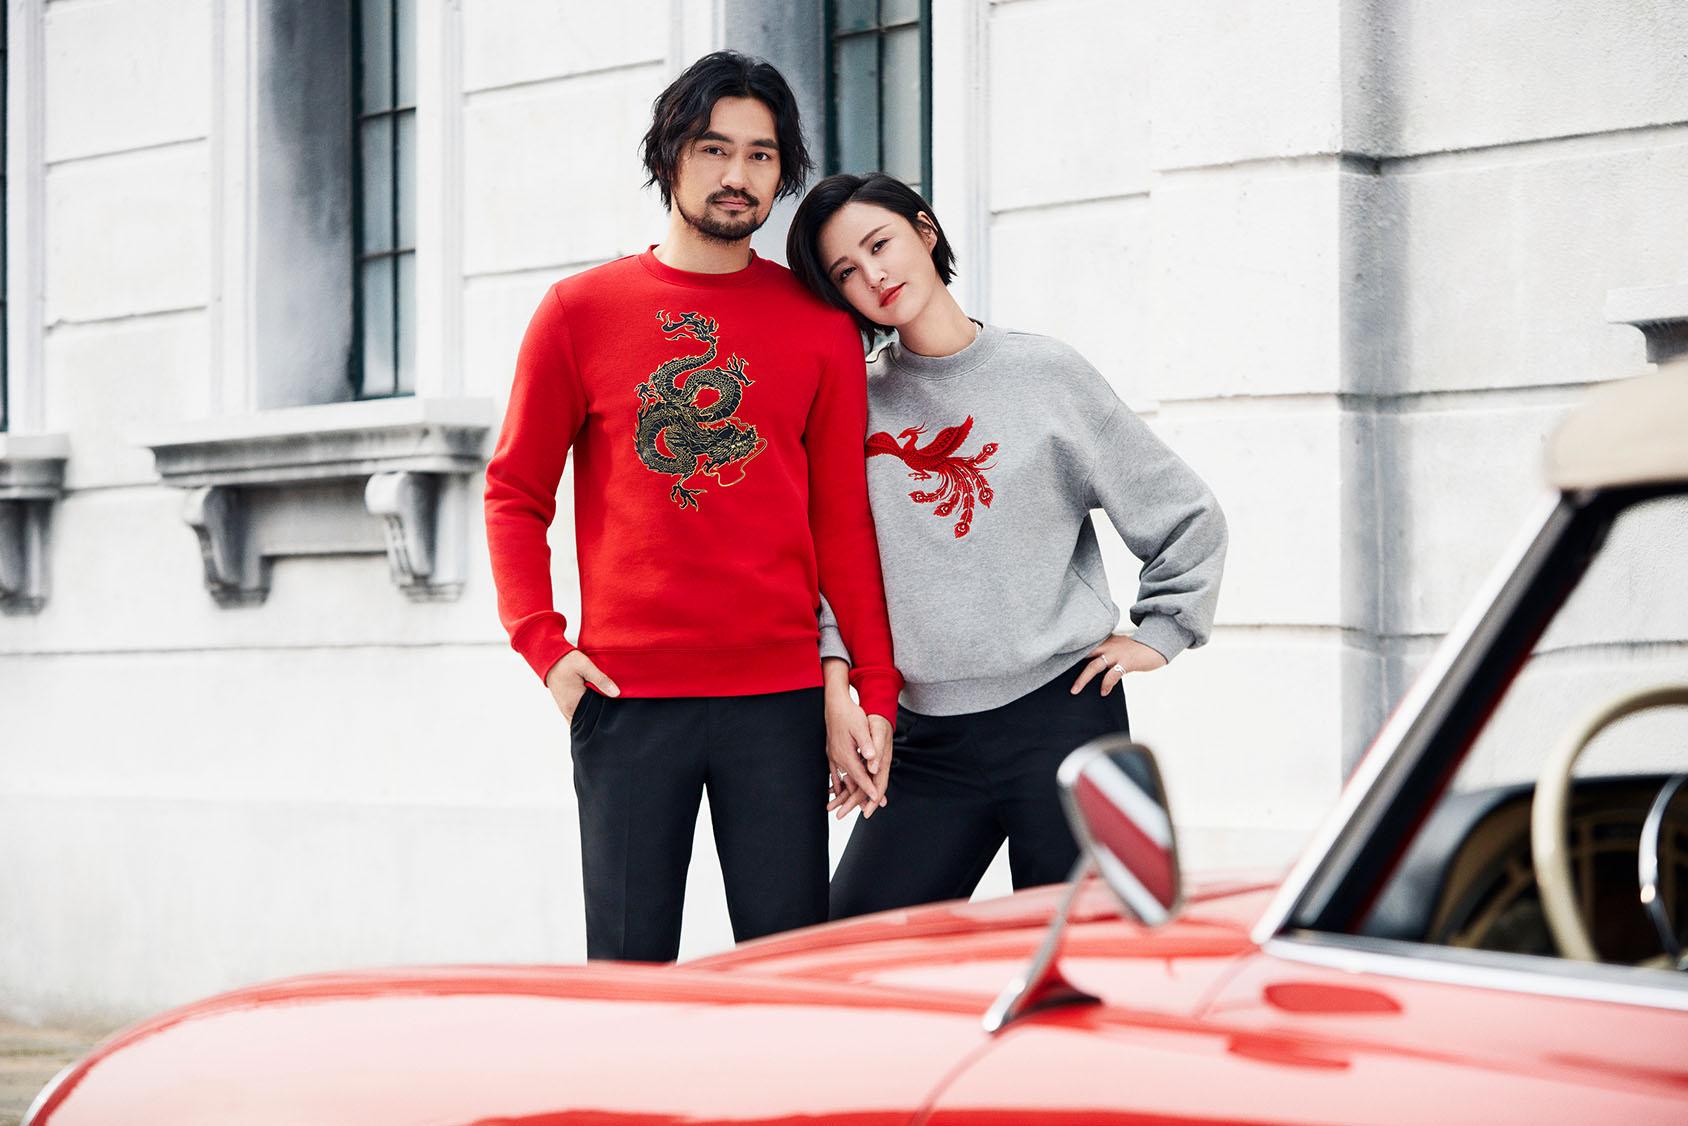 YUAN HONG & ZHANG XINYI